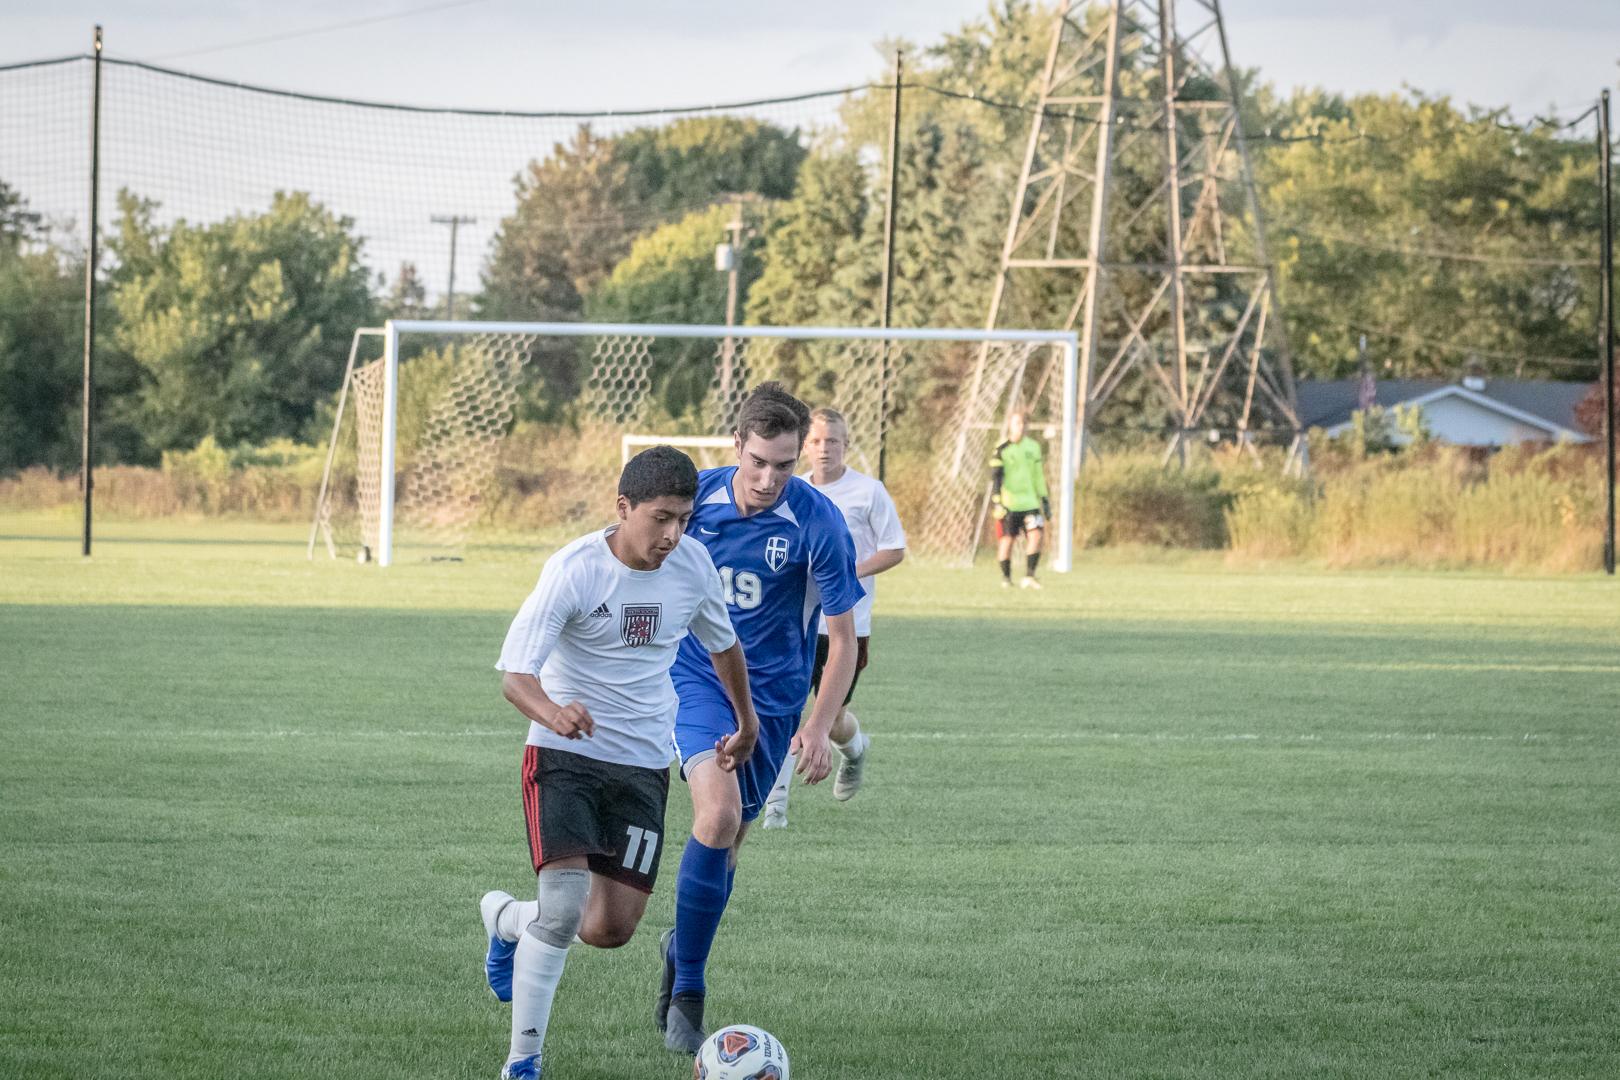 Marian-Varsity-Boys-Soccer-9531.jpg